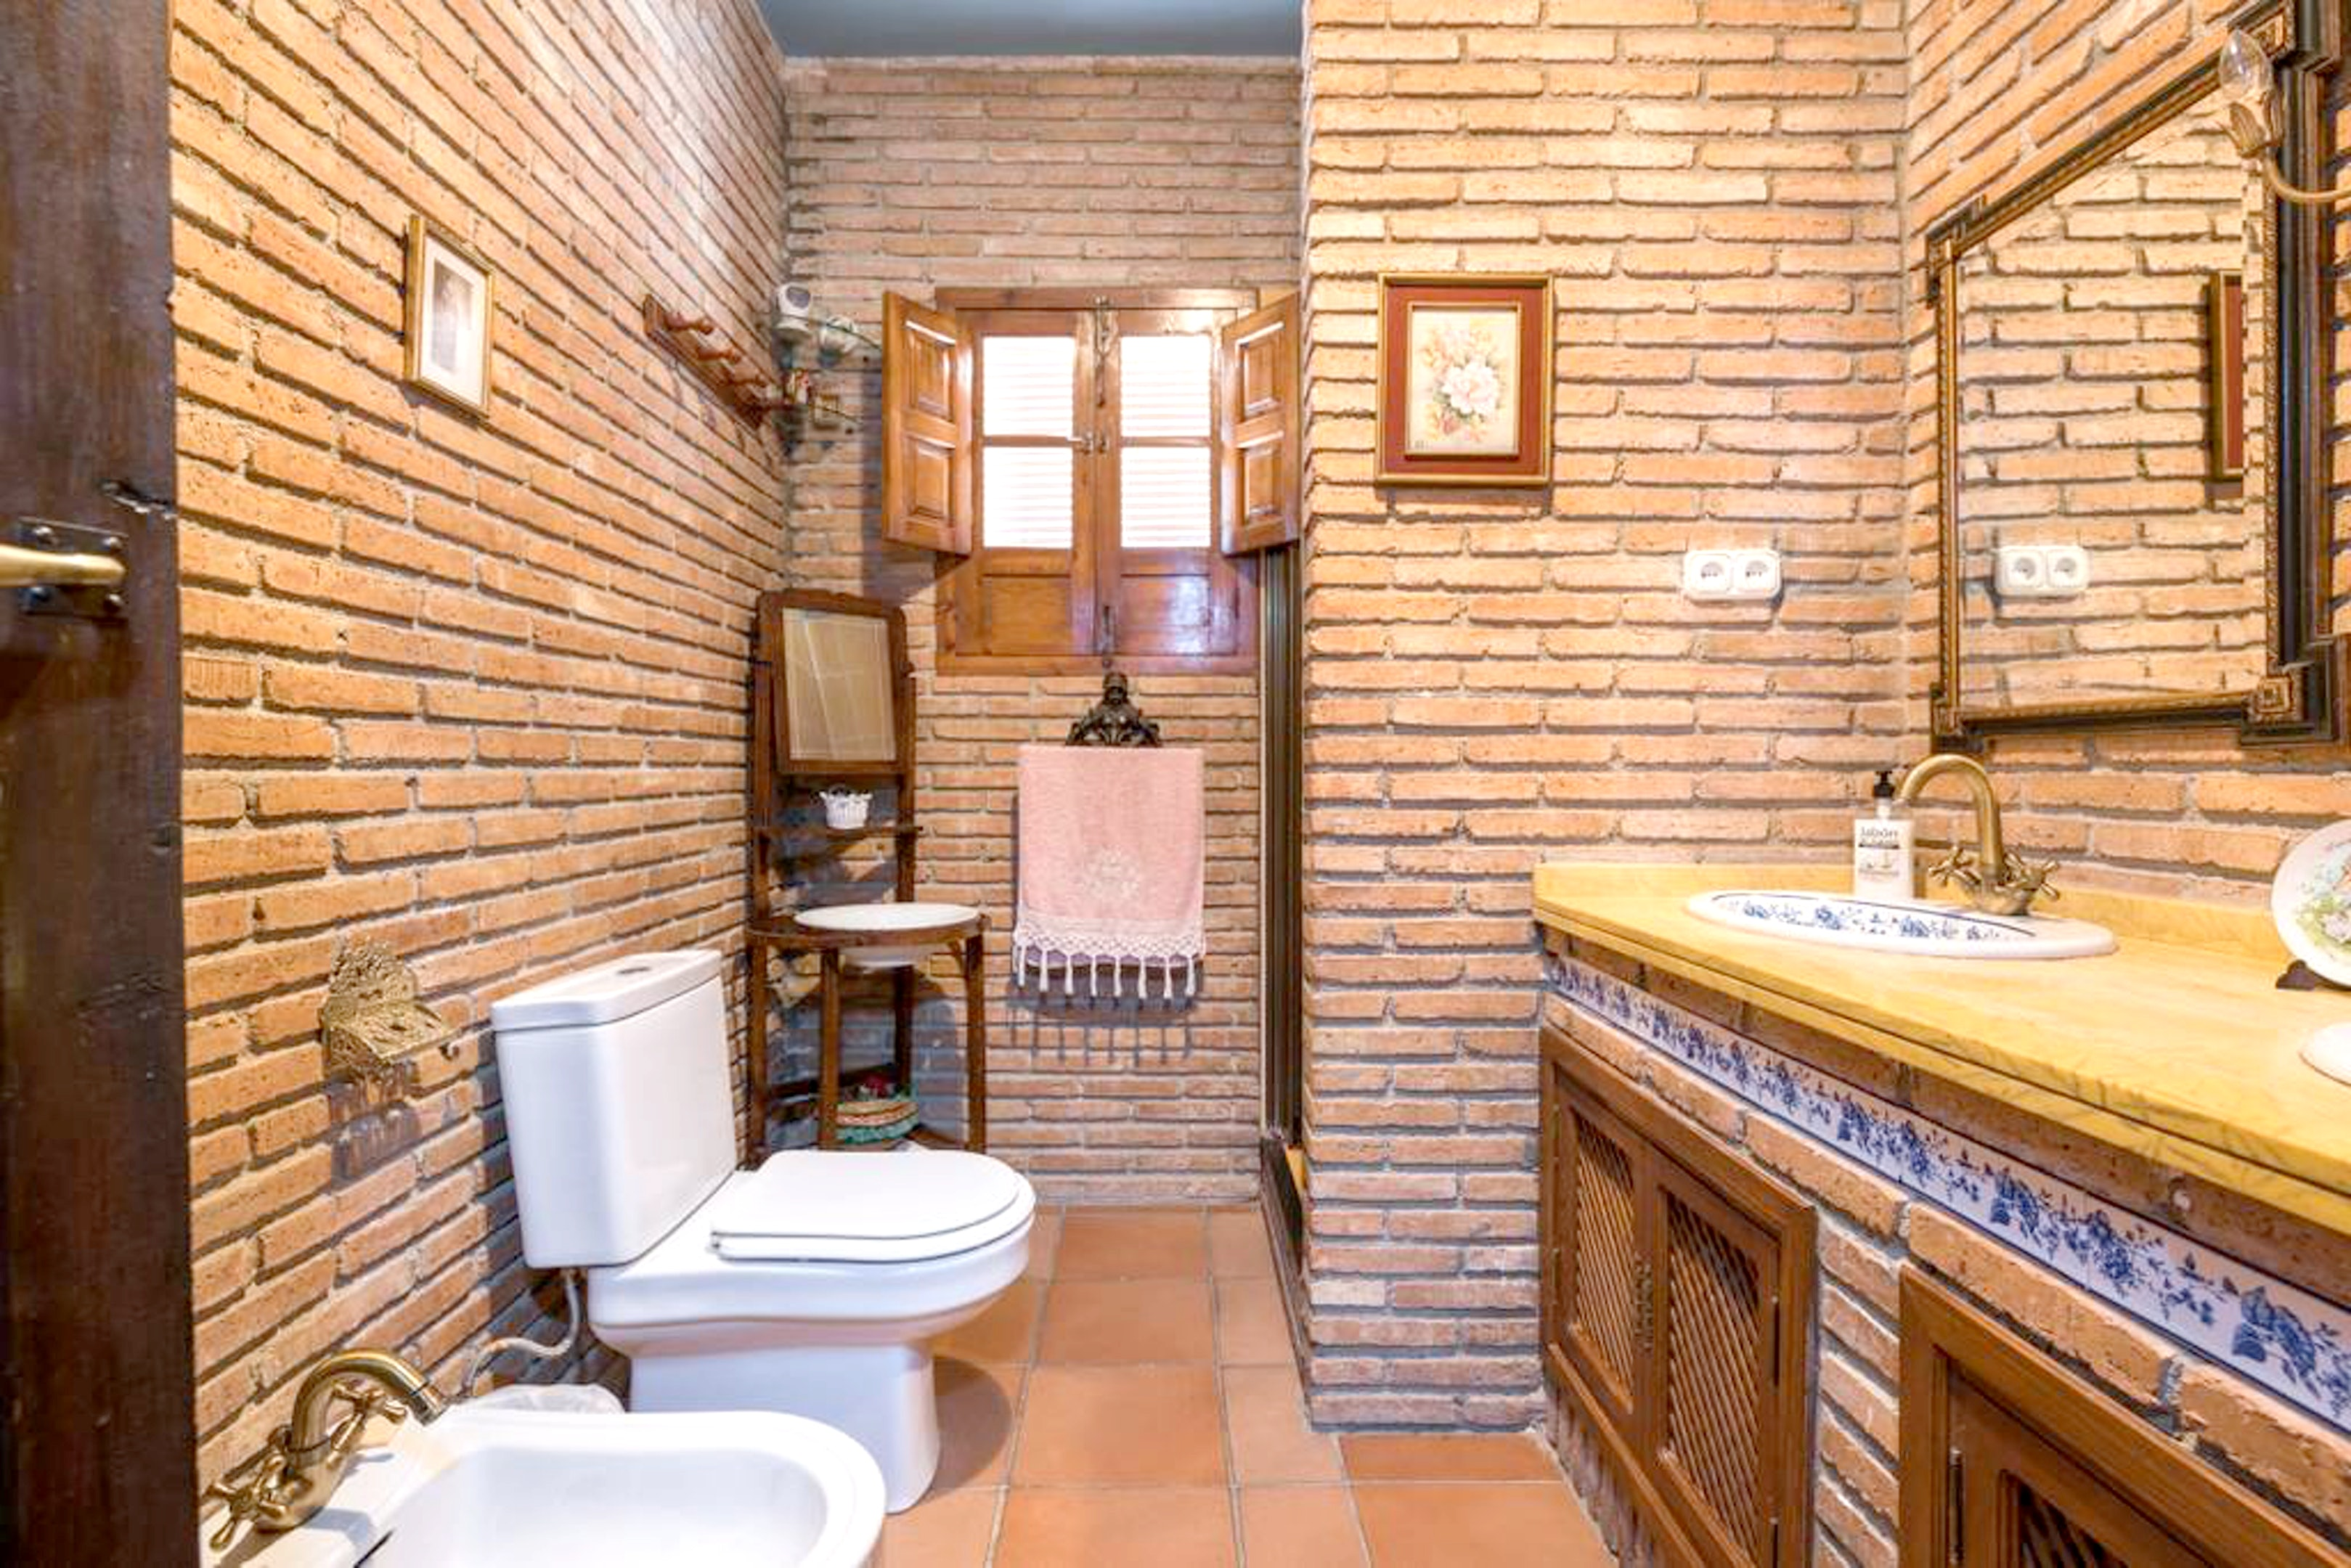 Ferienhaus Villa mit 5 Schlafzimmern in Antequera mit privatem Pool, eingezäuntem Garten und W-LAN (2420315), Antequera, Malaga, Andalusien, Spanien, Bild 7